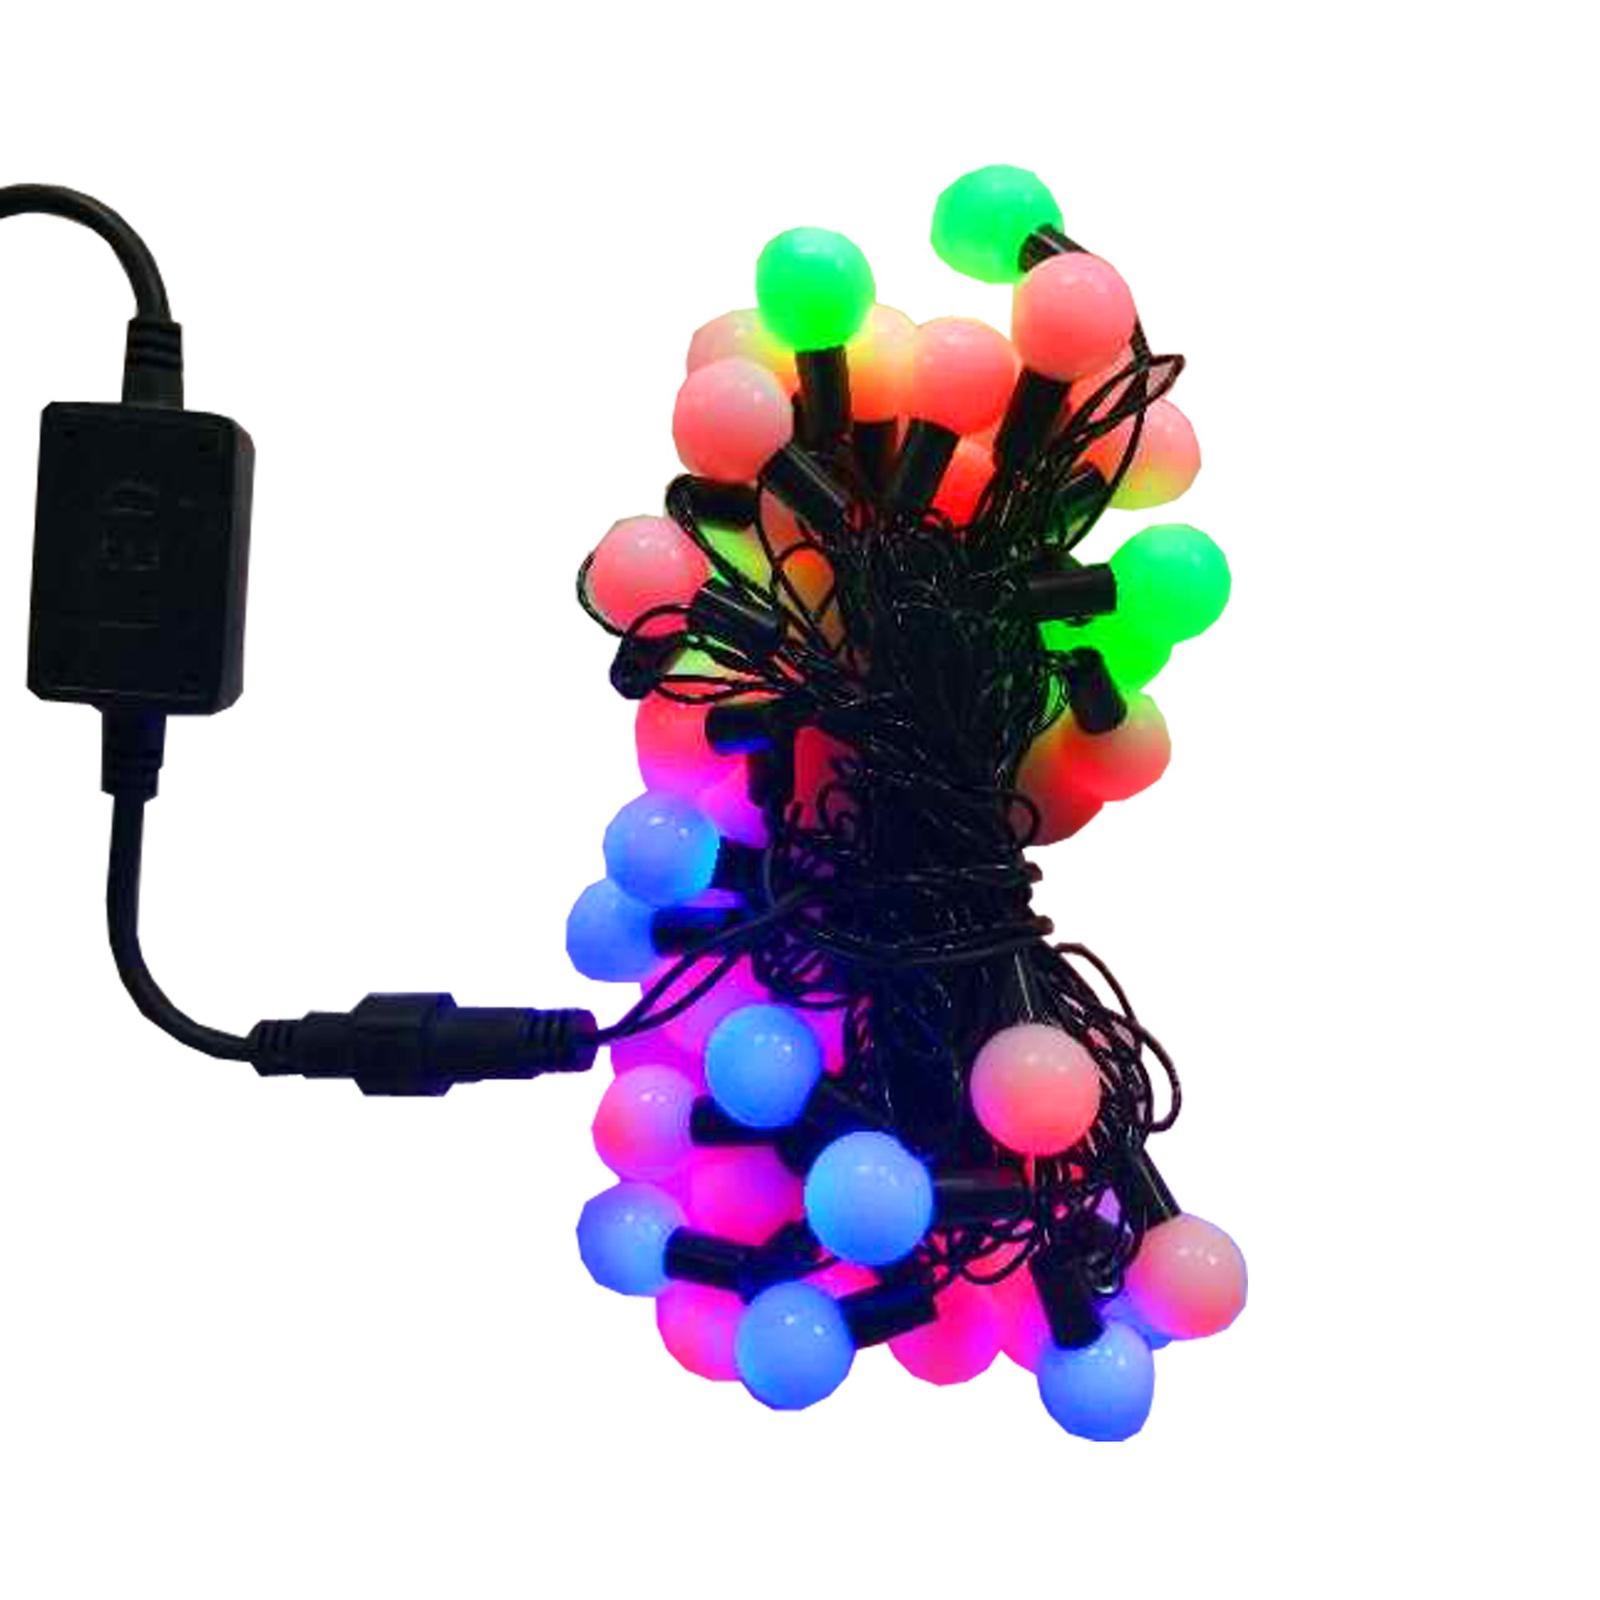 Гирлянда APEYRON electrics Двухцветная, 15-40 электрическая гирлянда светодиодная apeyron бумажная 10ламп теплый белый 1 5м